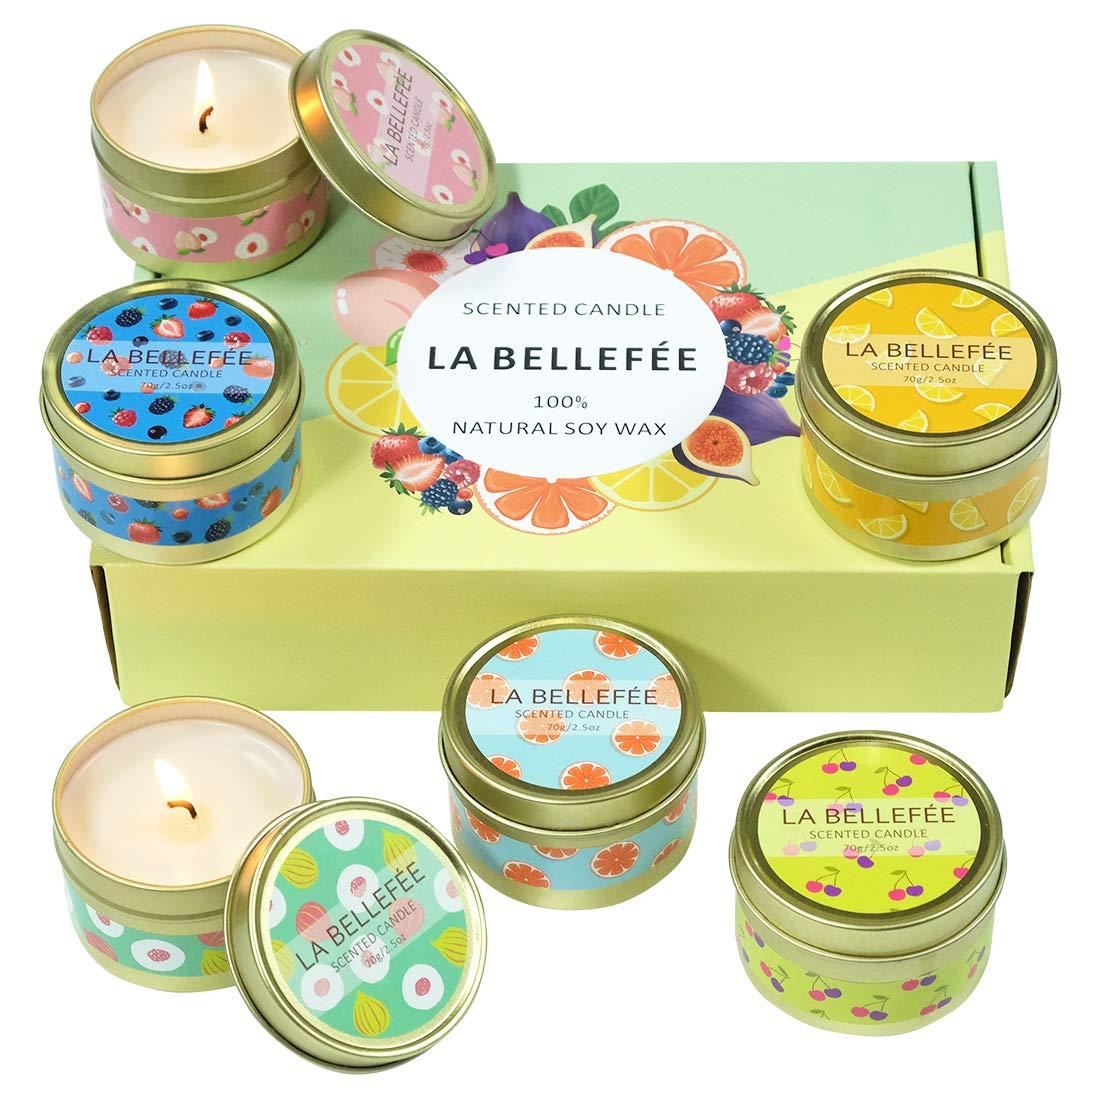 Les bougies de la marque La Bellefée